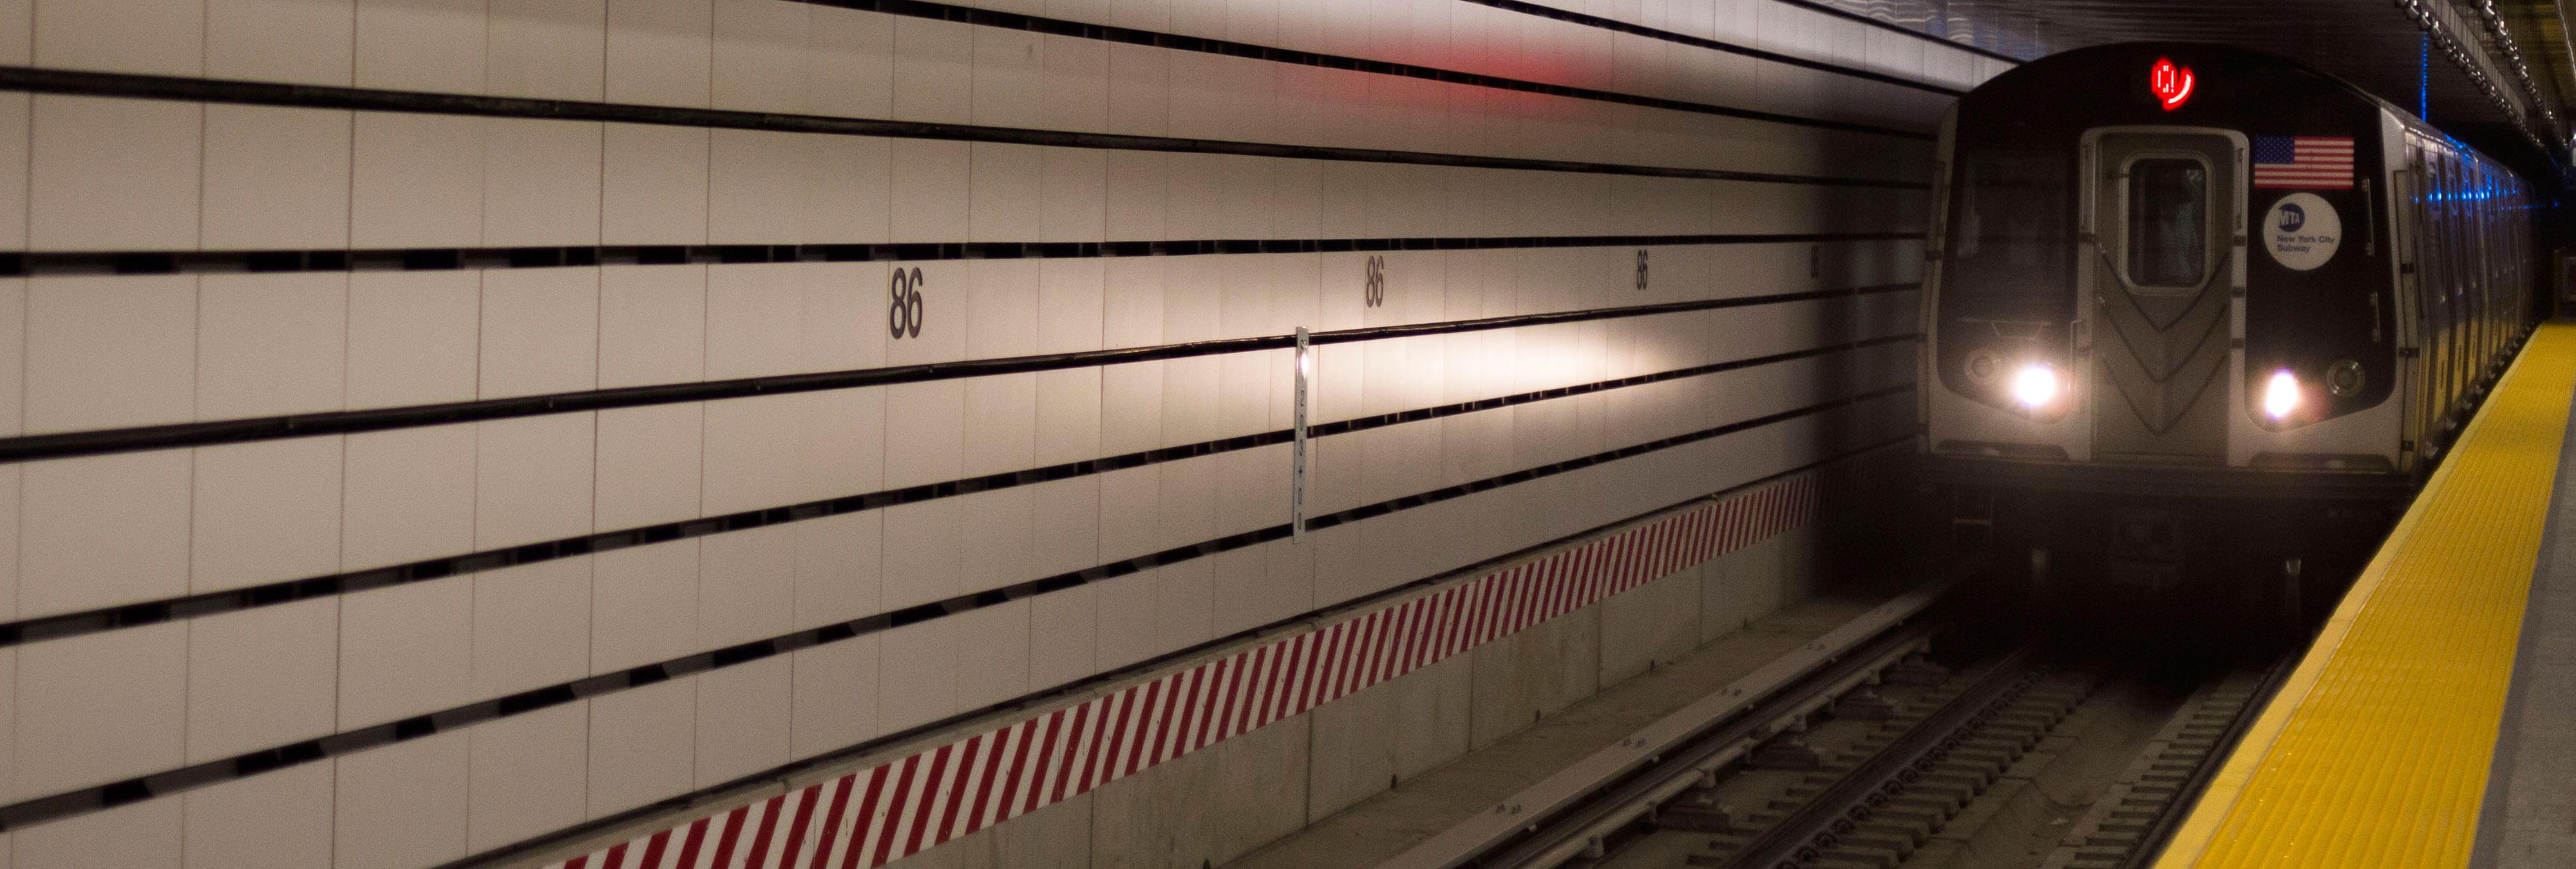 Una niña de trece años muere atropellada por un tren al intentar recuperar su móvil